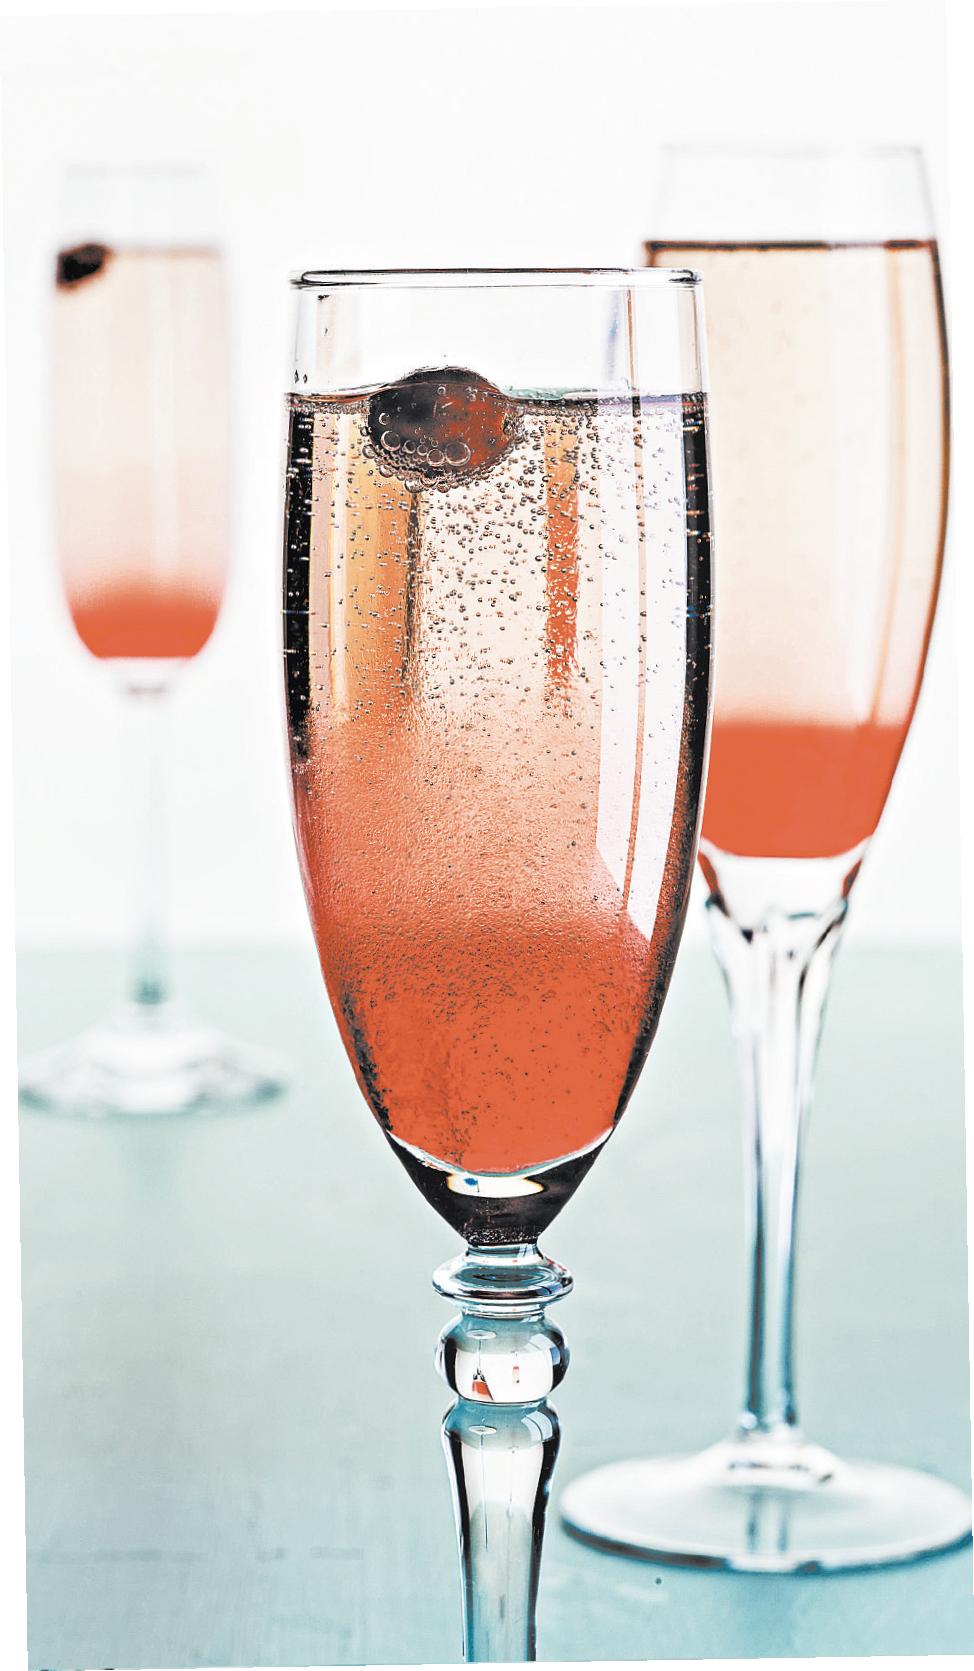 pinkdrink.jpg